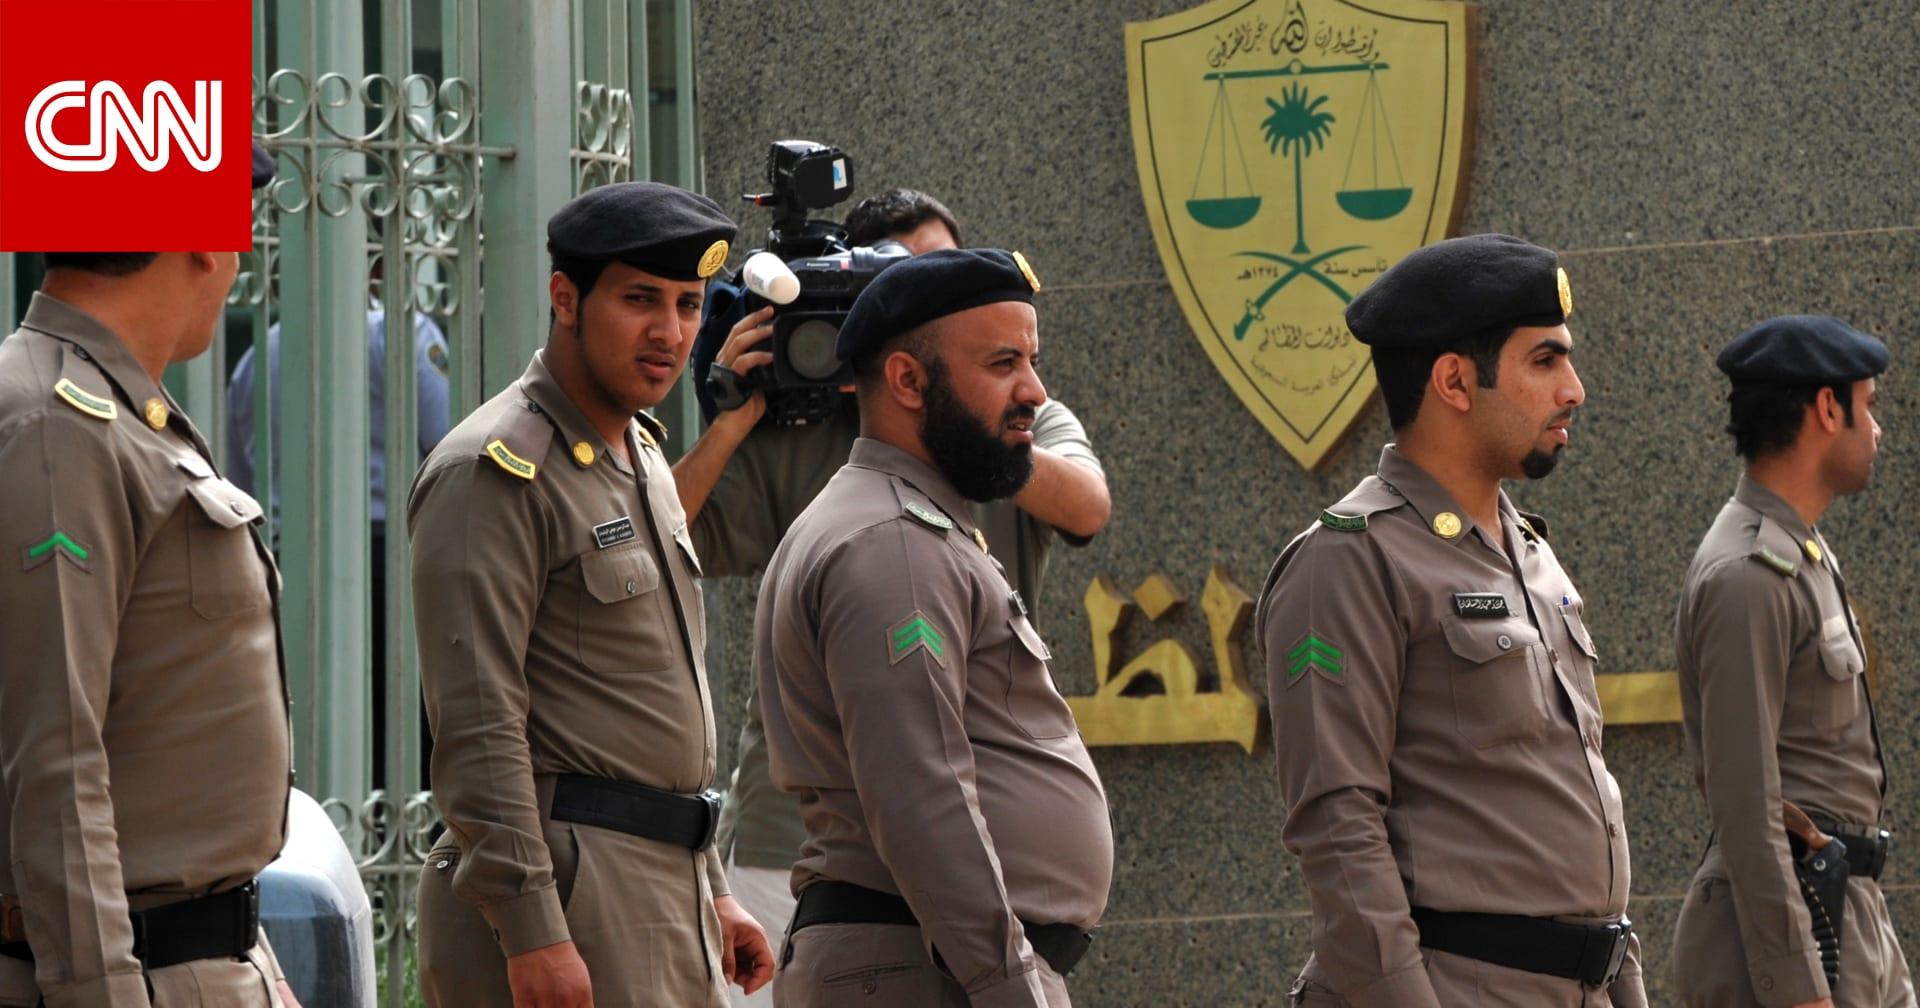 السعودية.. القبض على خمسيني انتحل شخصية موظف حكومي وسرق أكثر من 160 ألف ريال